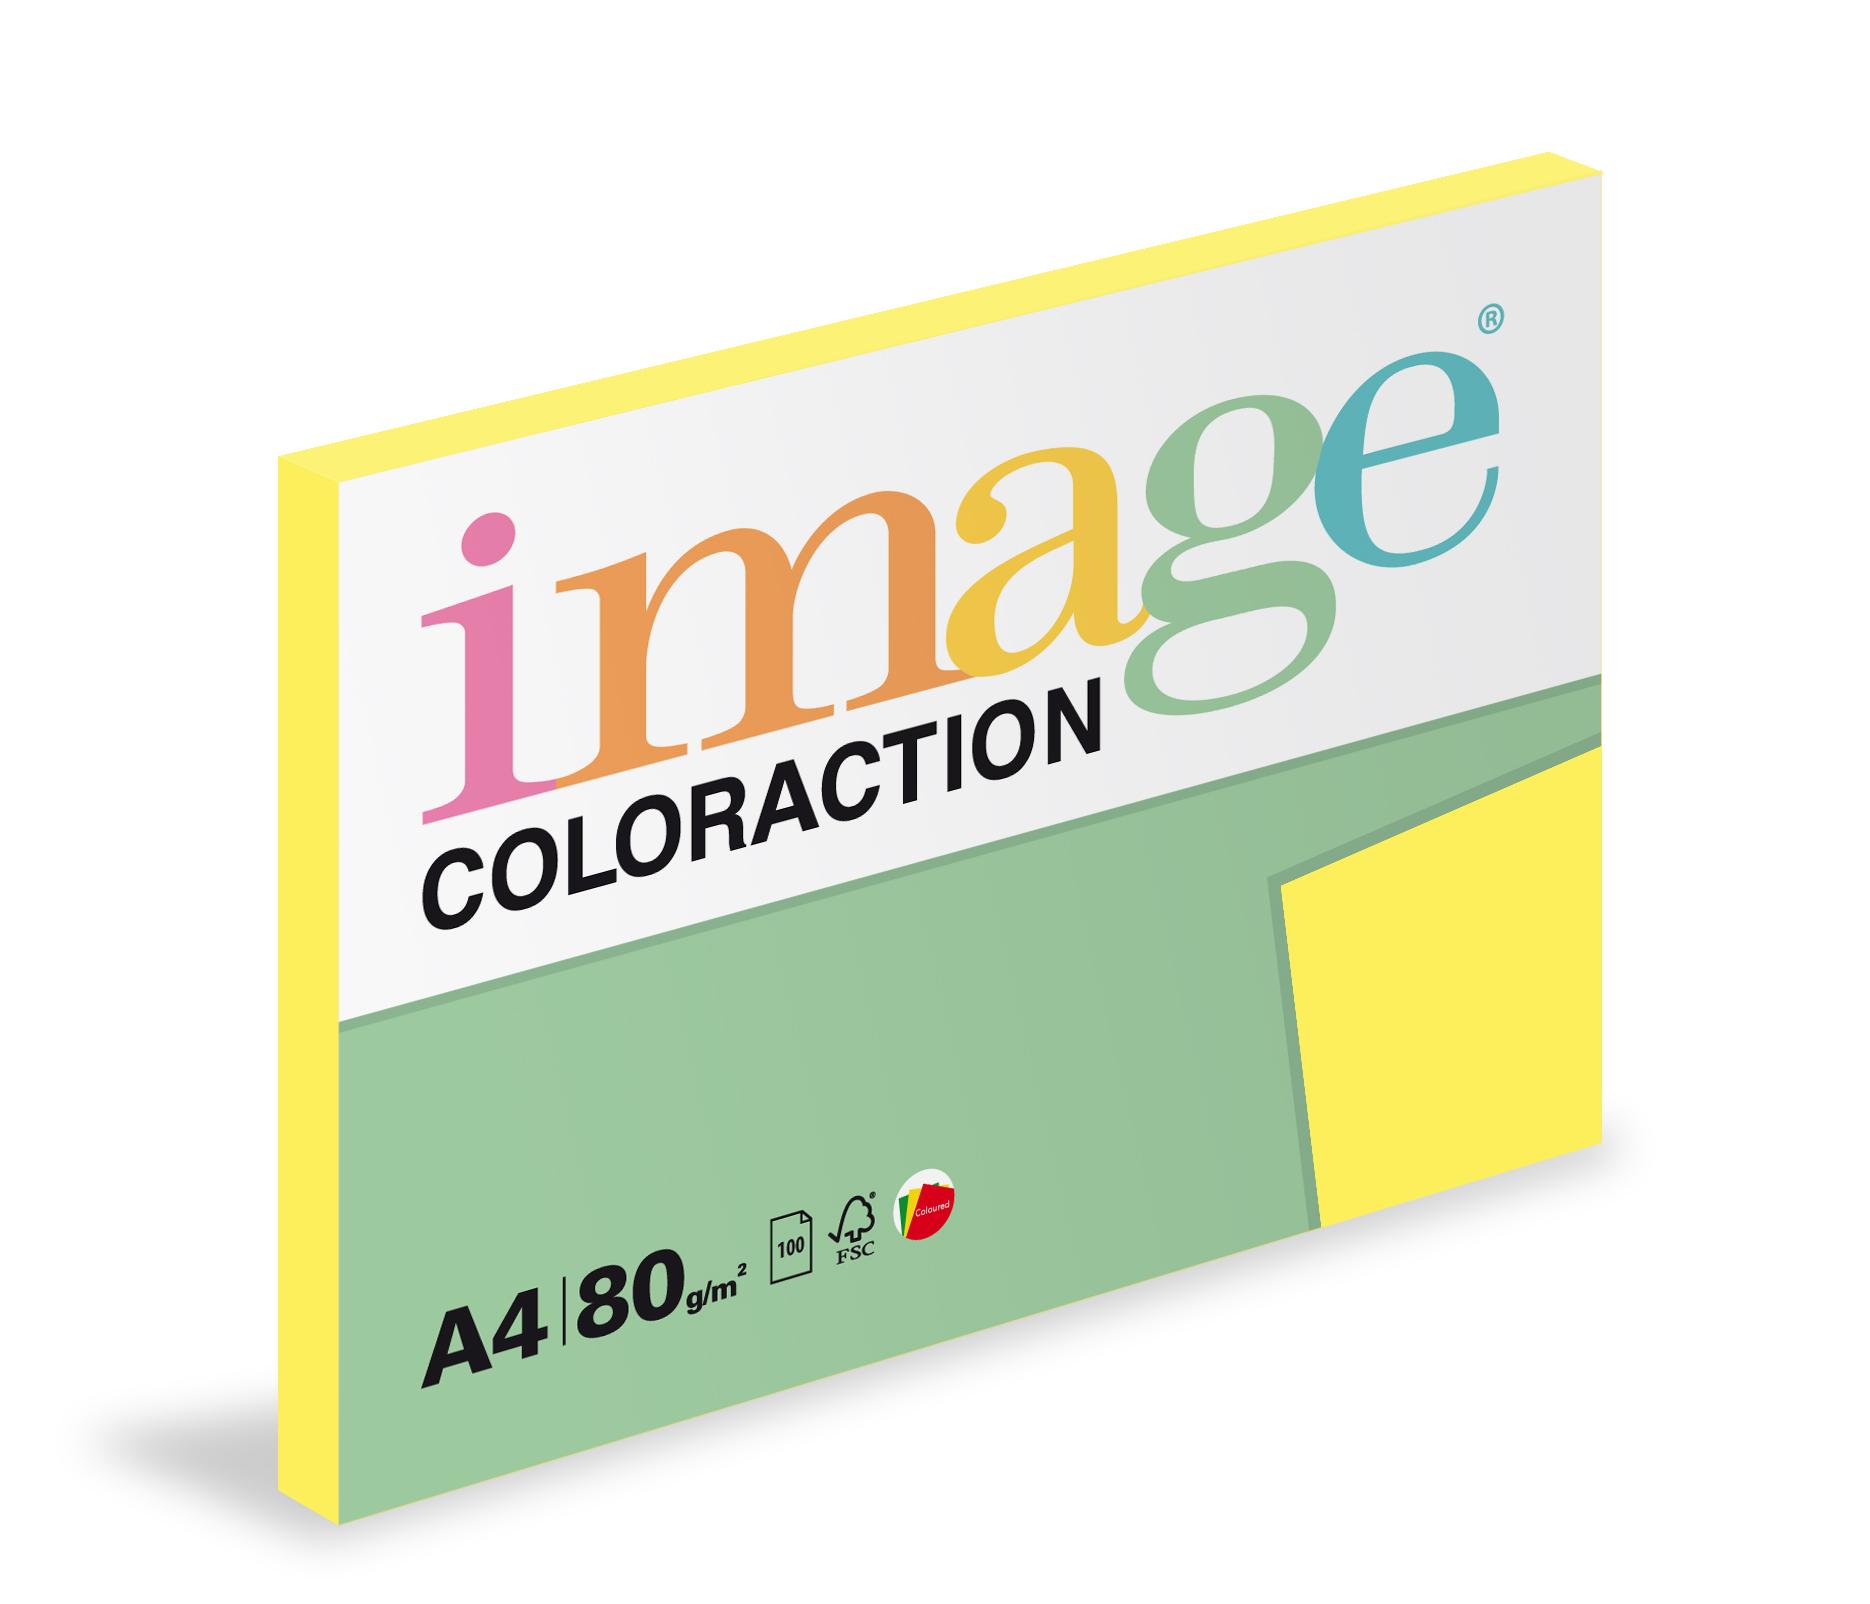 Xerografický papír barevný Coloraction 100 listů - CY39 canary/ středně žlutá / 100 listů